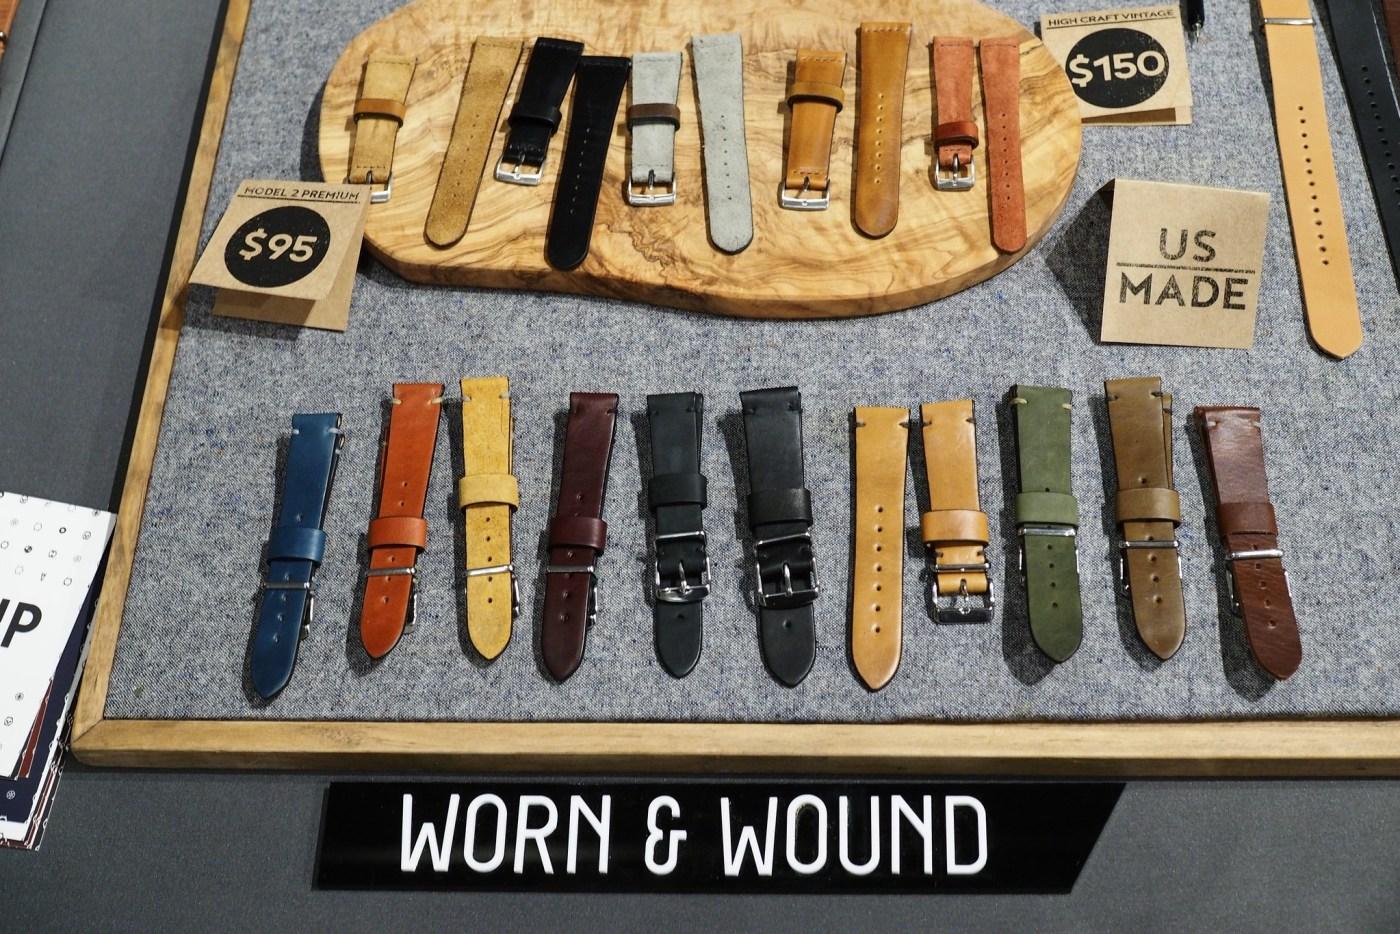 Worn & Wound Premium leather watch straps